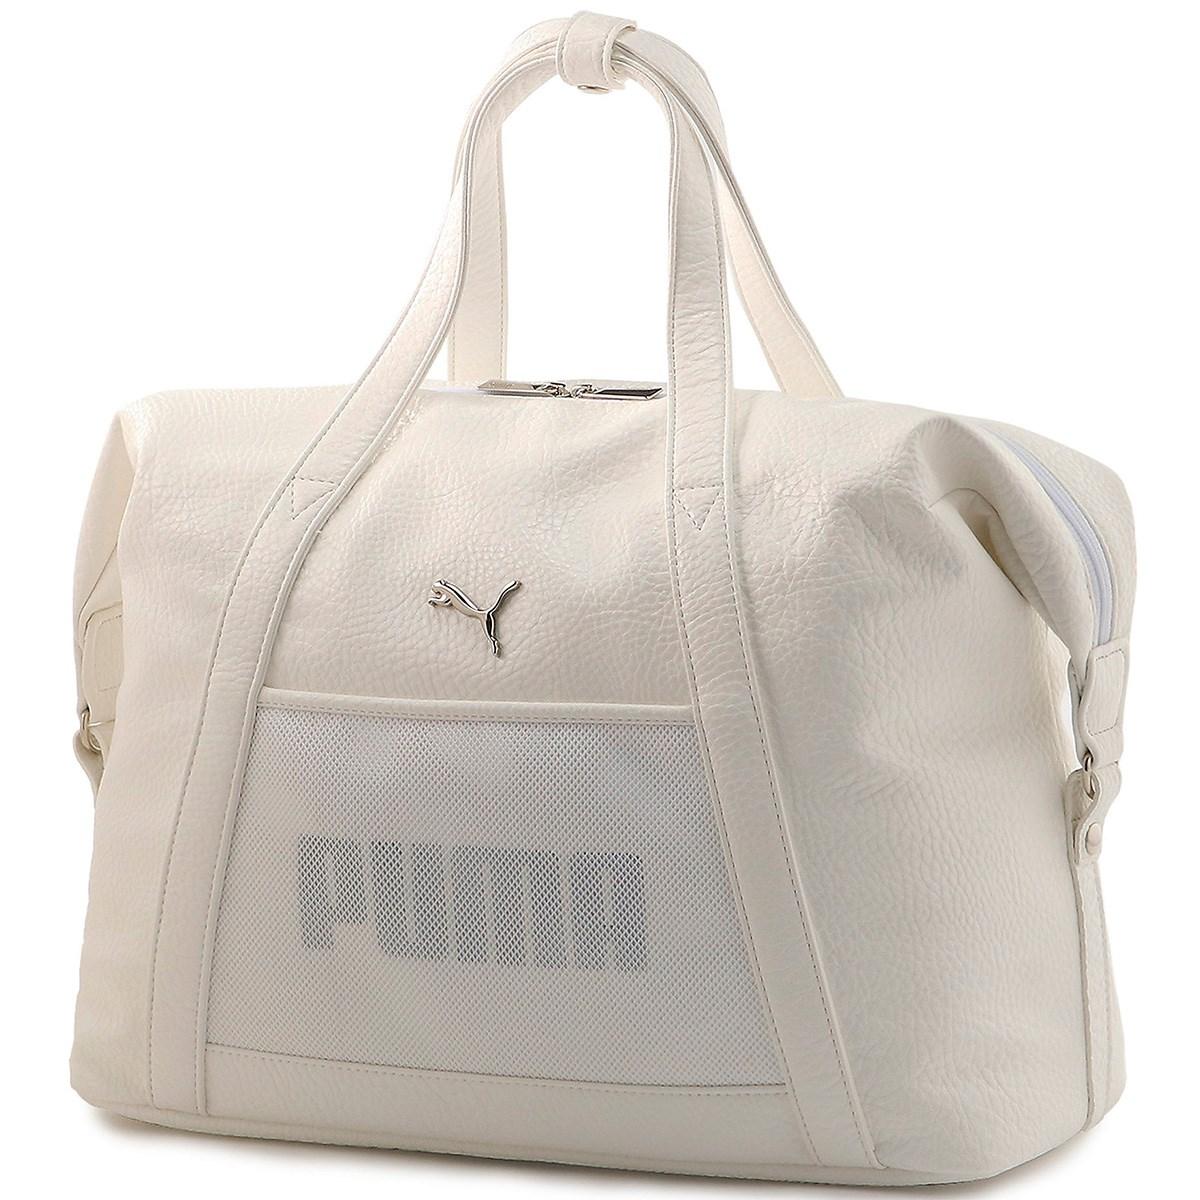 プーマ PUMA ケージ ボストンバッグ ブライトホワイト 02